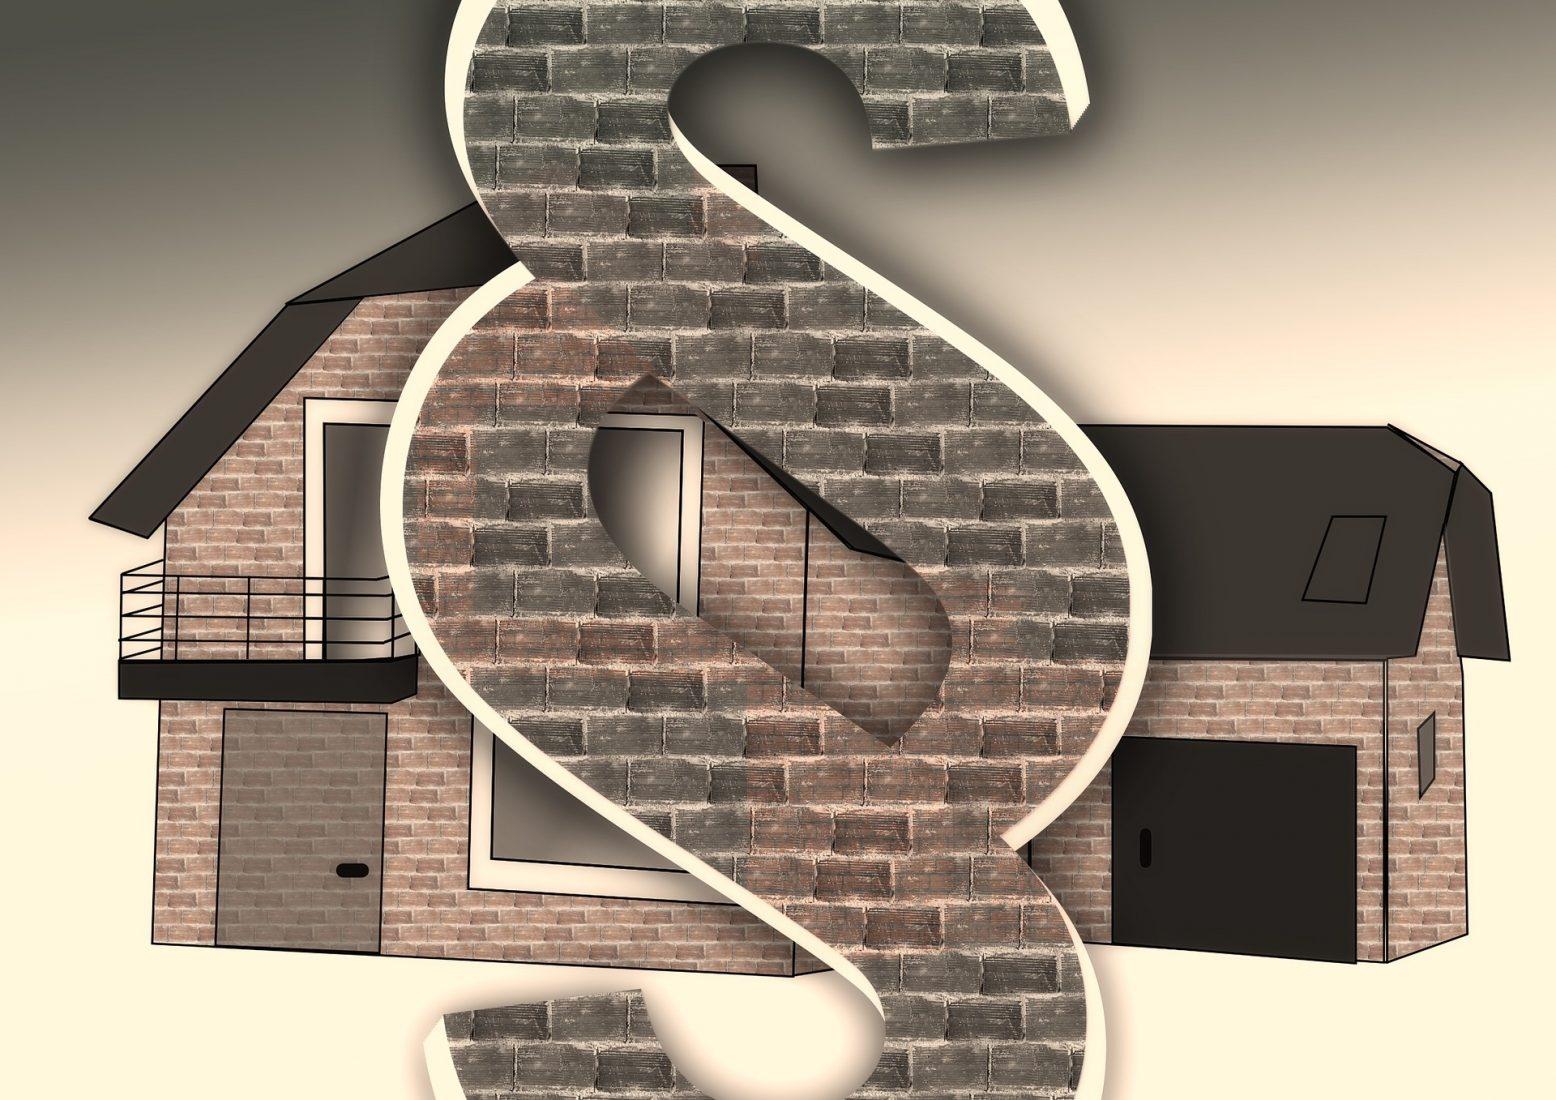 In der Musterbauordnung wird geregelt, welche Bauprodukte eine allgemeine bauaufsichtliche Zulassung benötigen. Foto: Pixabay